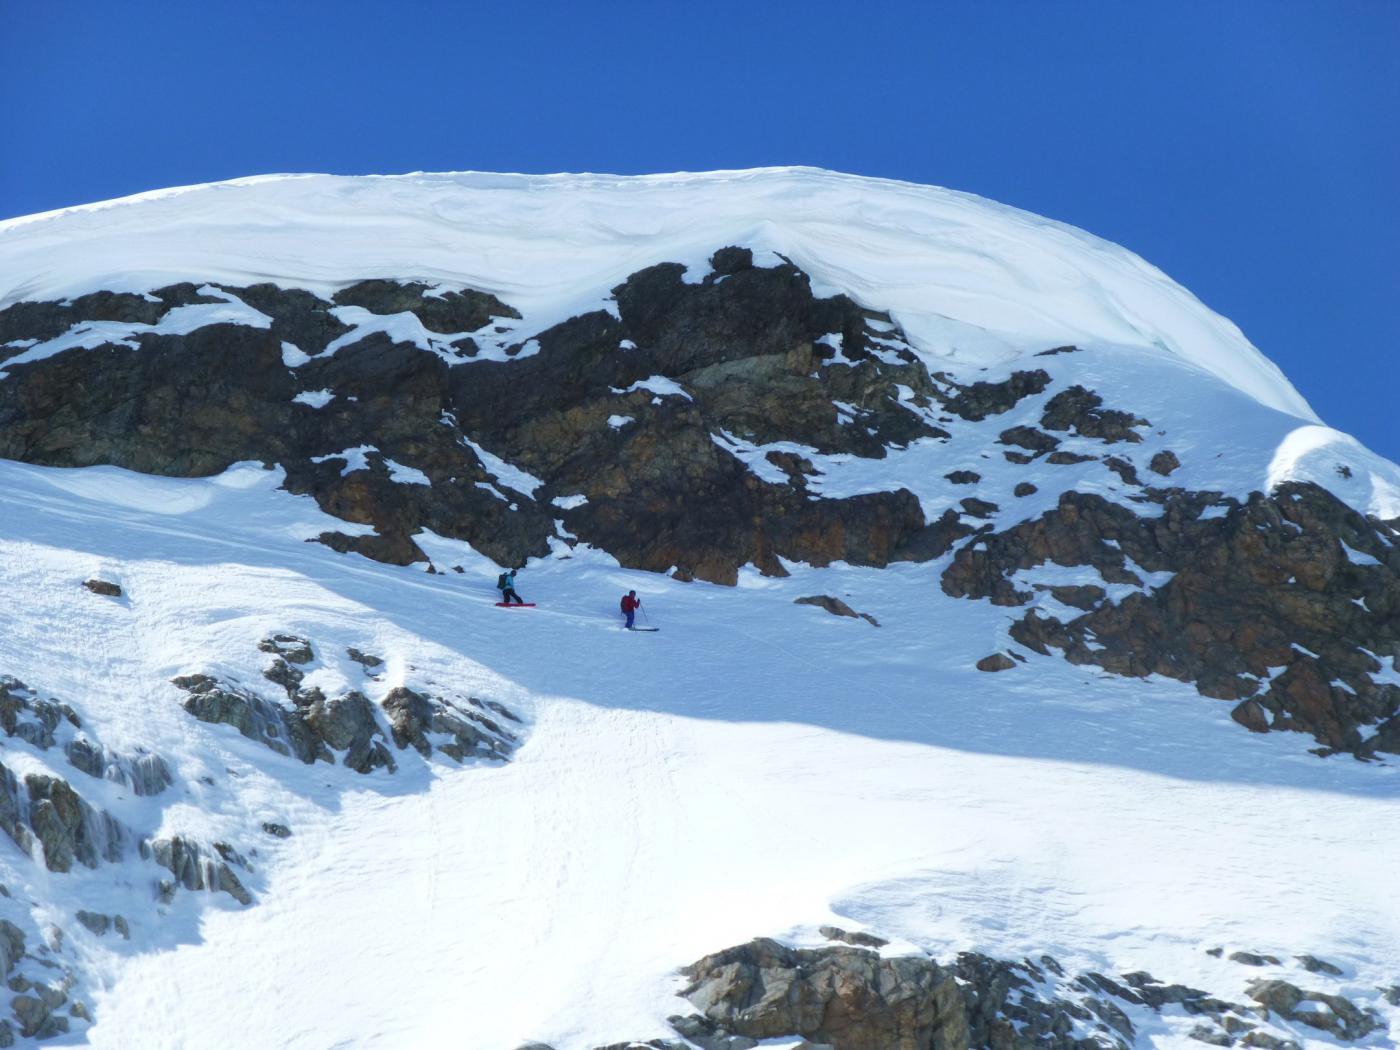 uno sciatore e uno snowboarder tagliano sotto le cornici e scenderanno poi diretti